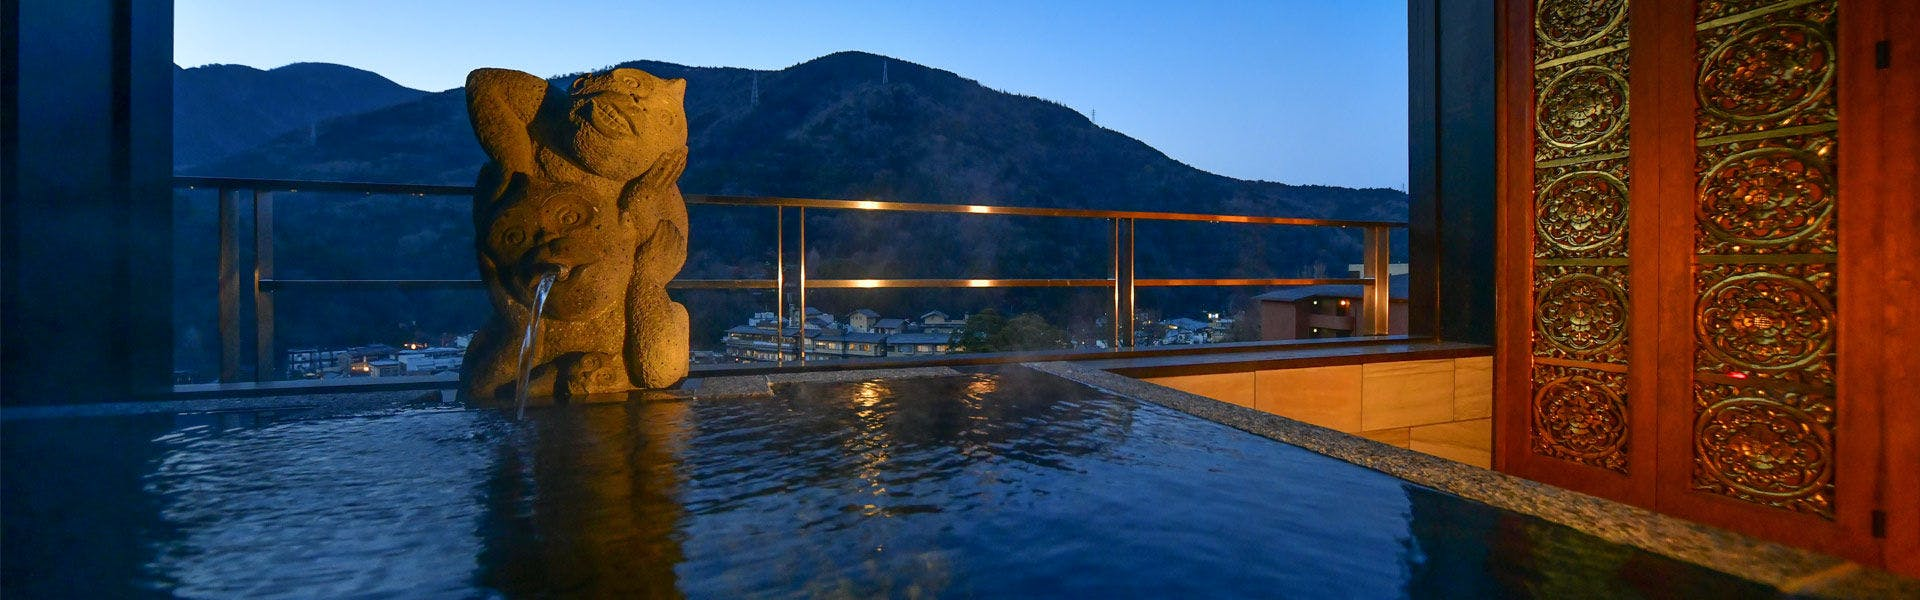 記念日におすすめのホテル・箱根 藍瑠の写真3